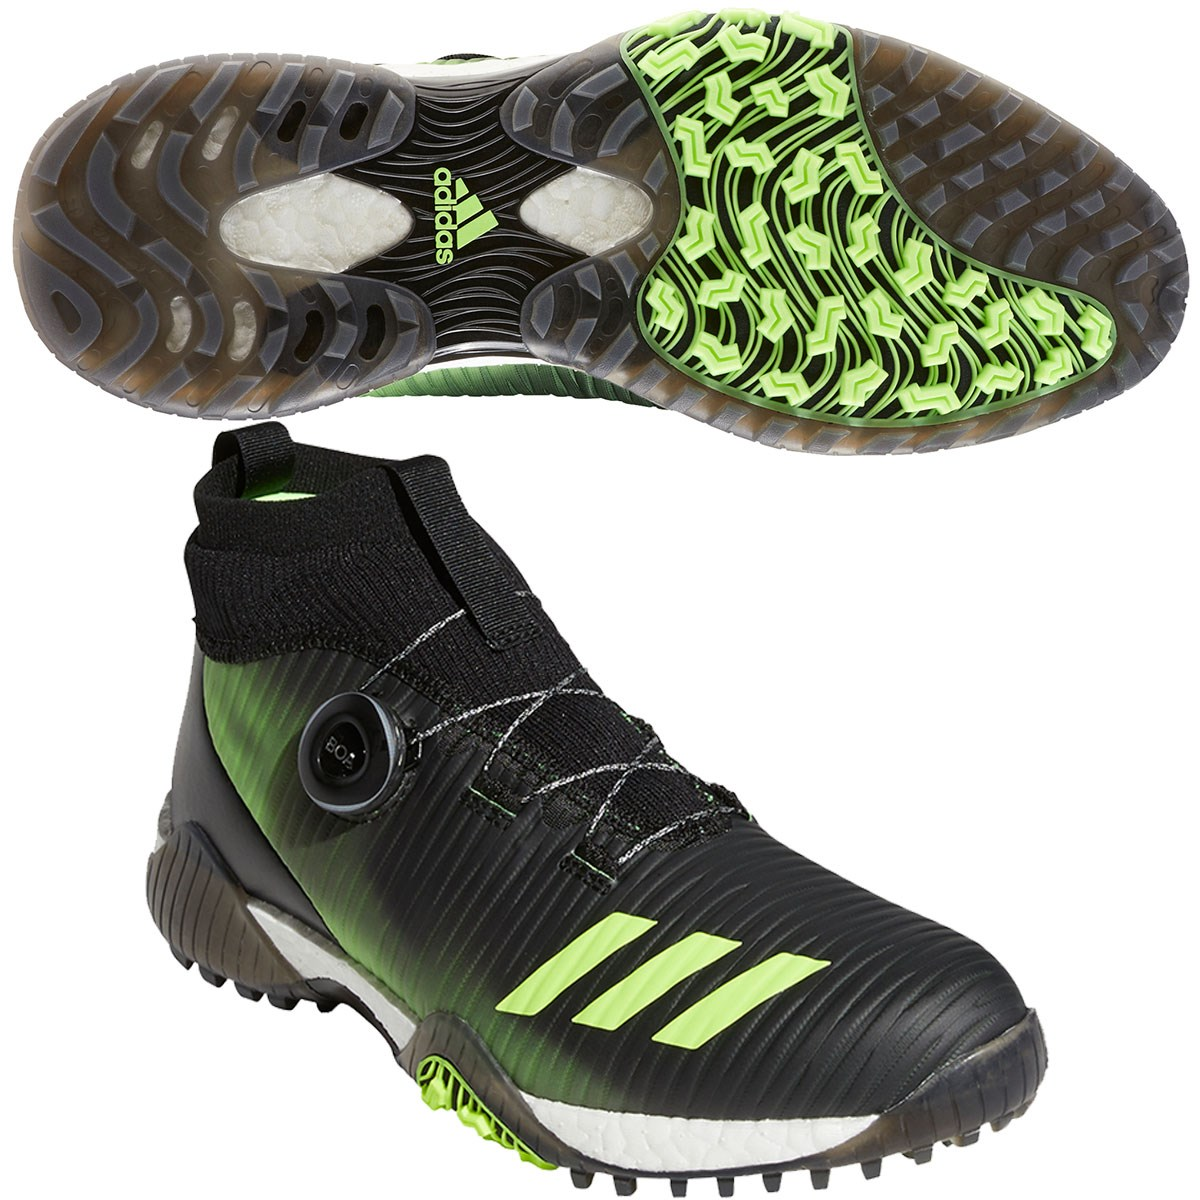 アディダス Adidas コードカオスボアミッドシューズ 22.5cm コアブラック/シグナルグリーン/フットウェアホワイト レディス